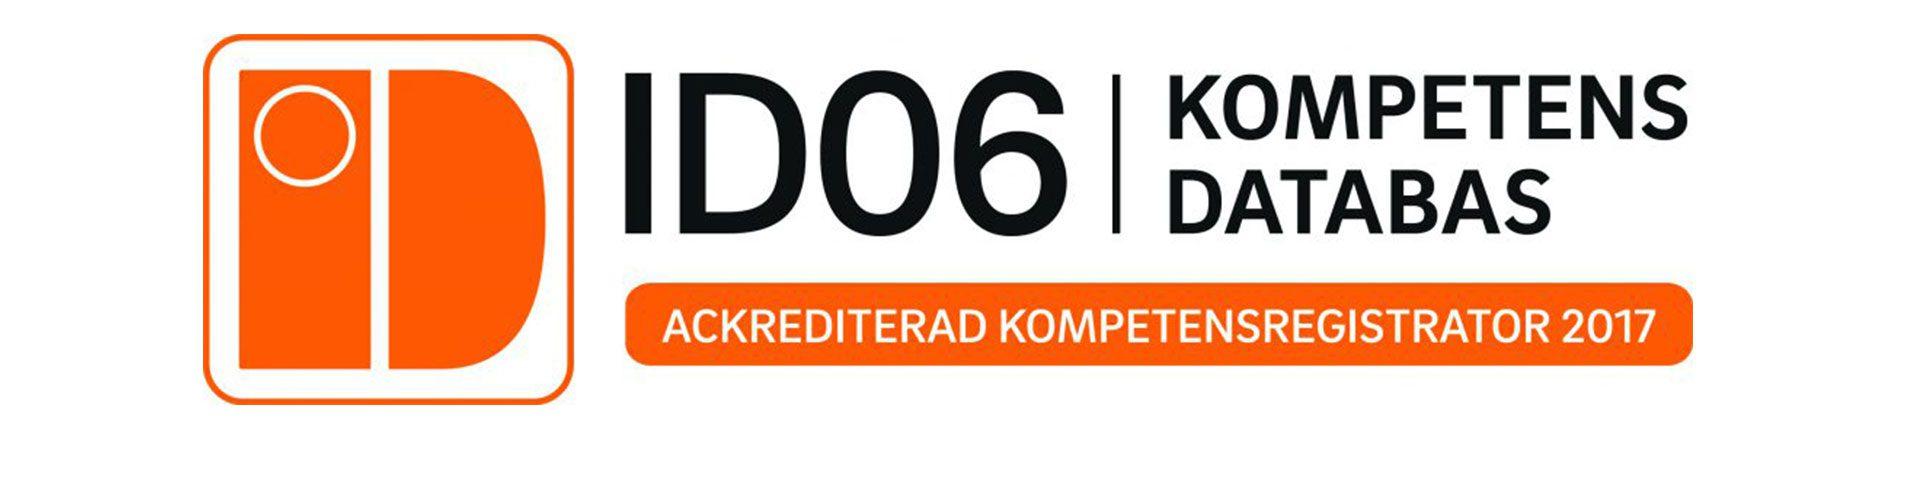 IDO6-Kompetensdatabas